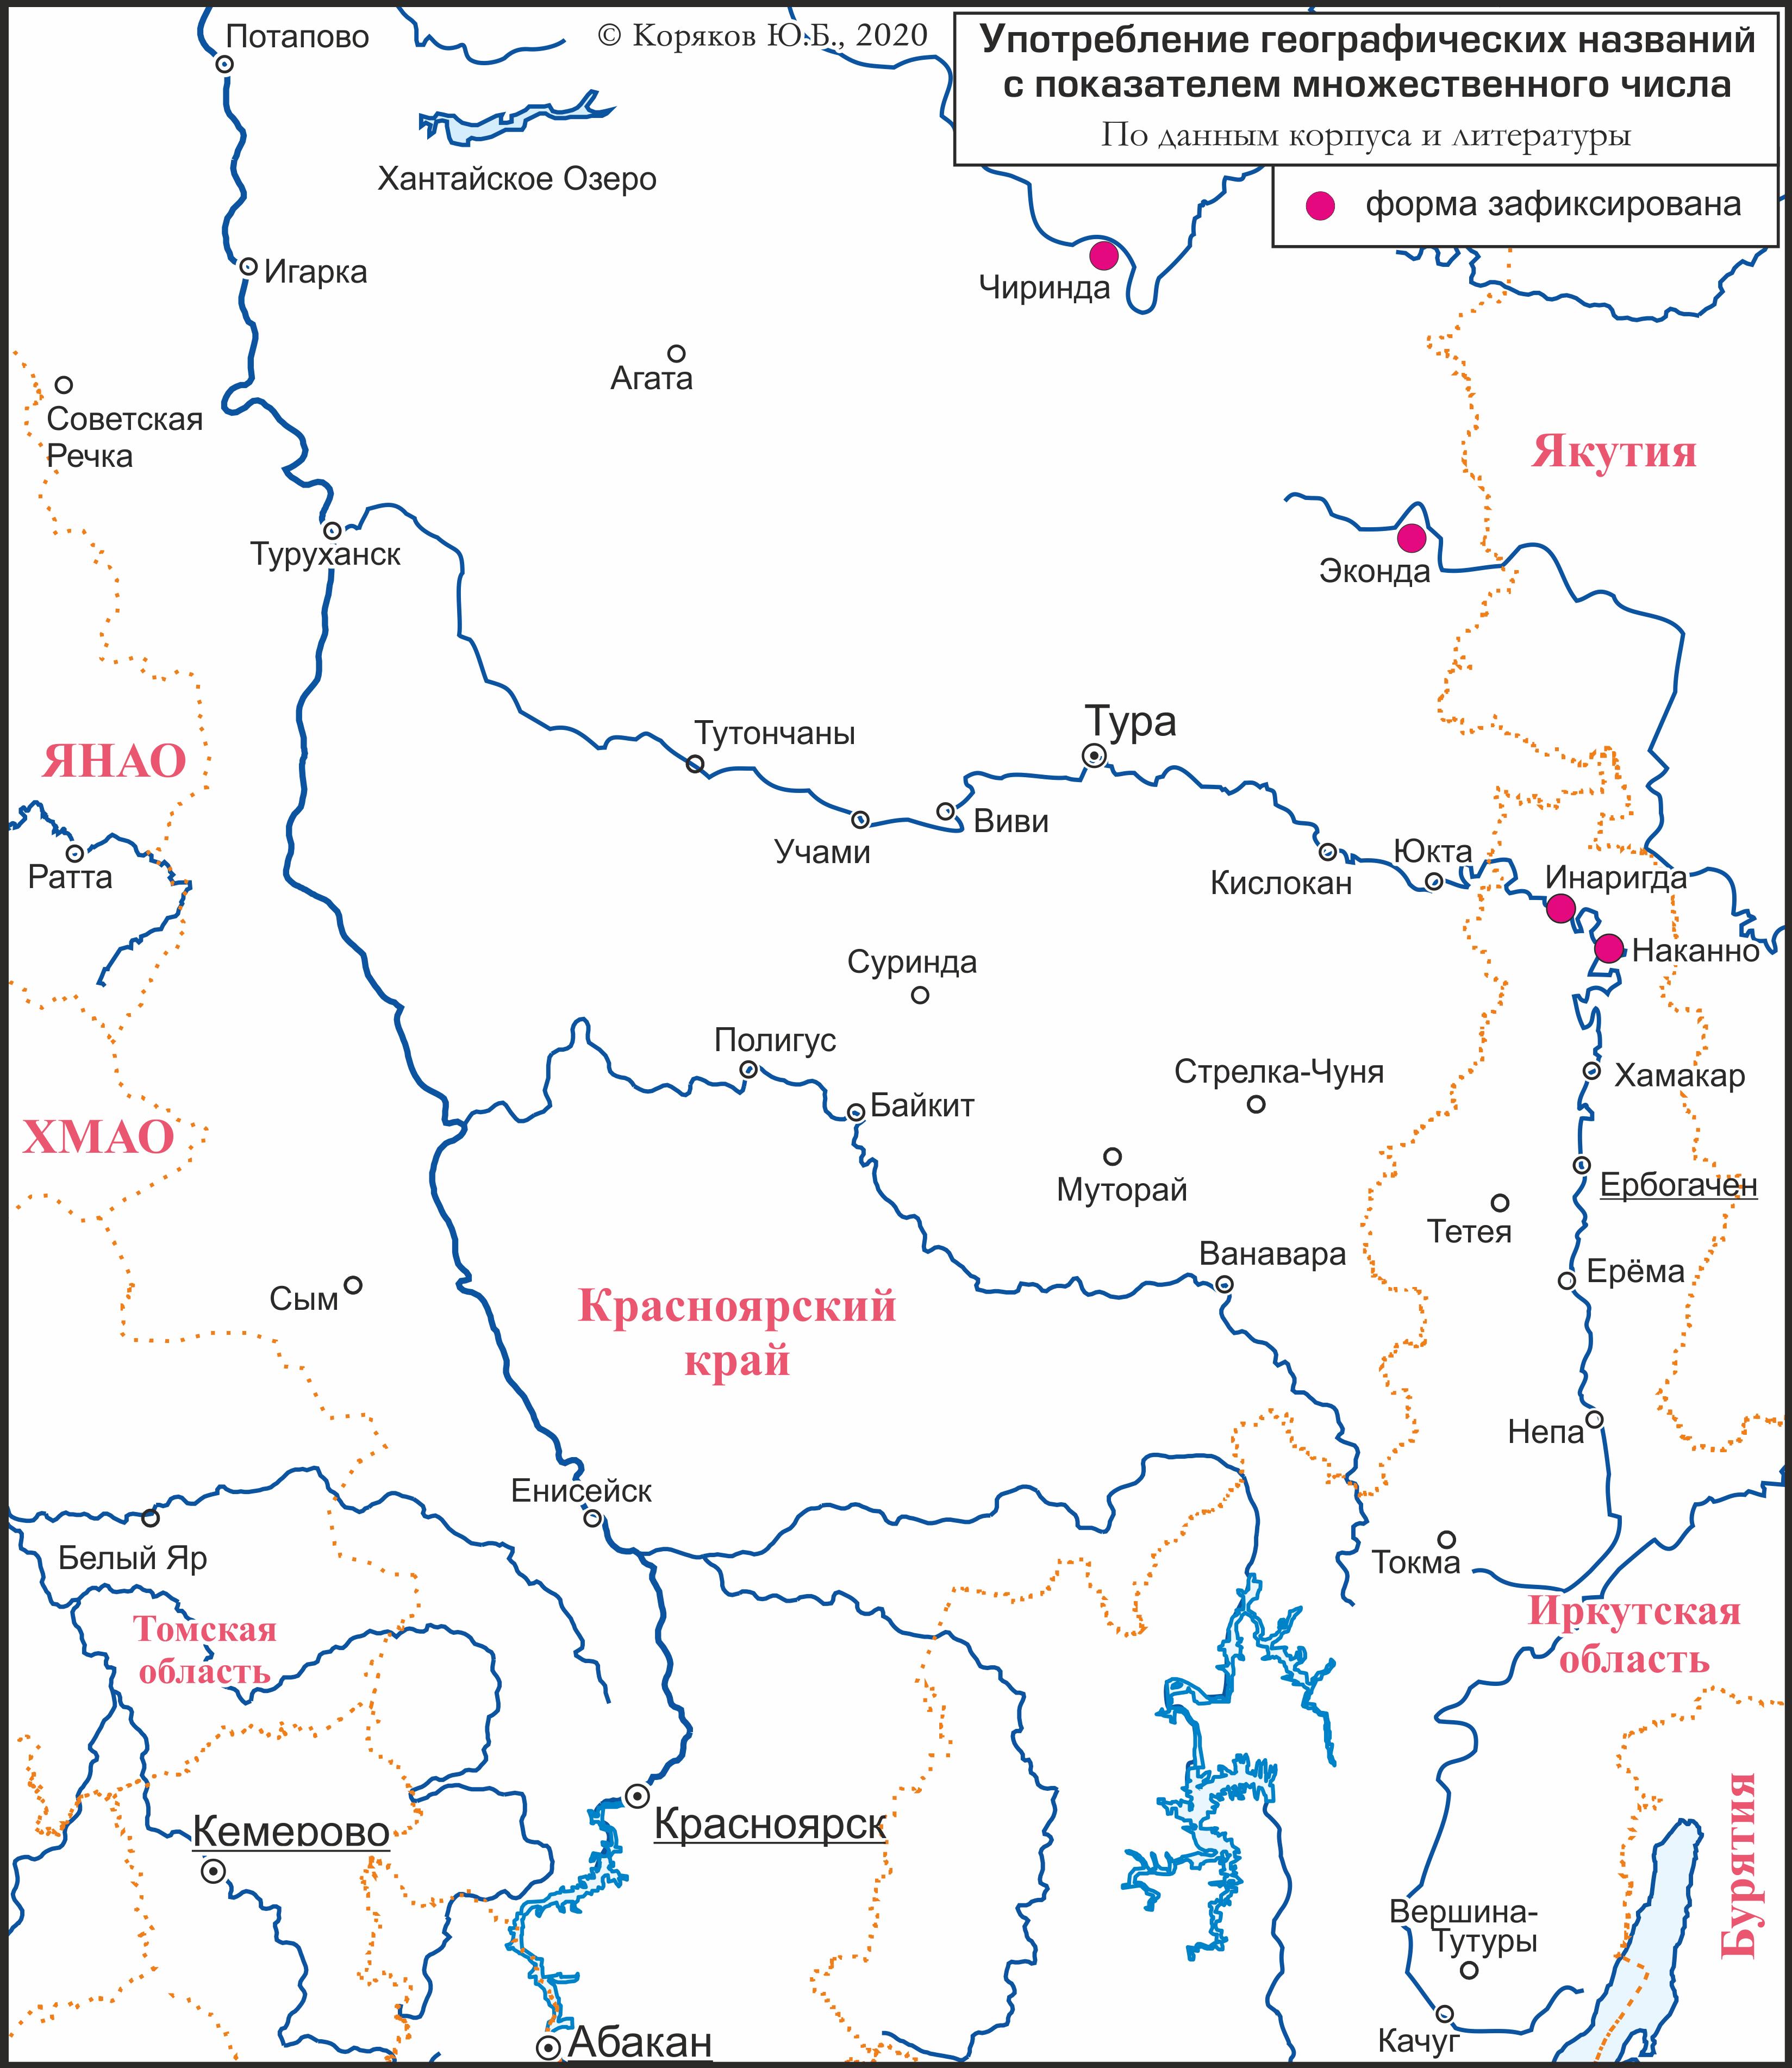 Географические названия в плюралисе